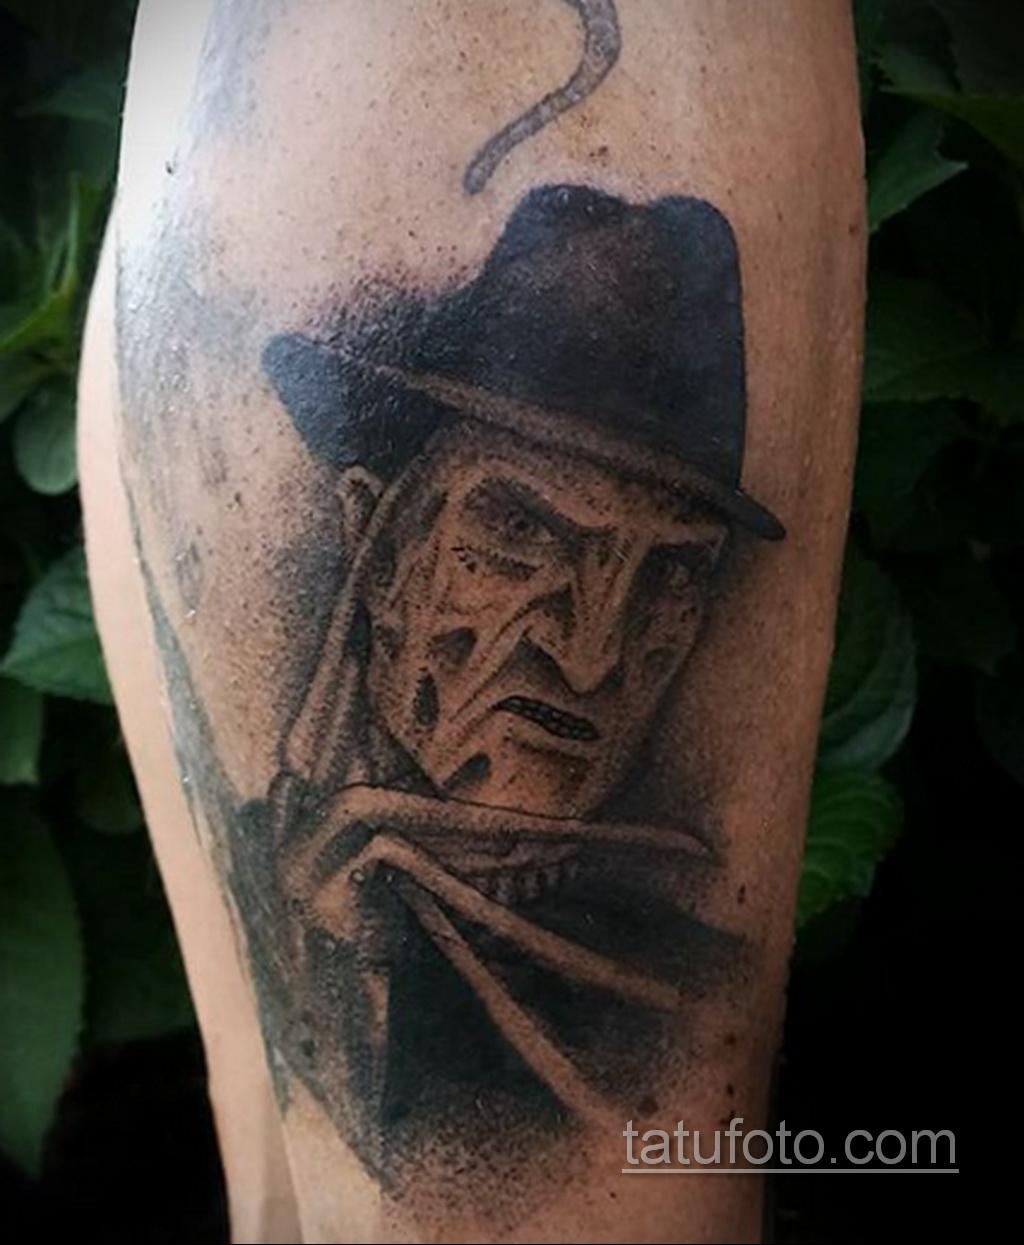 Фото тату с Фредди Крюгером 12.10.2020 №049 -freddy krueger tattoo- tatufoto.com